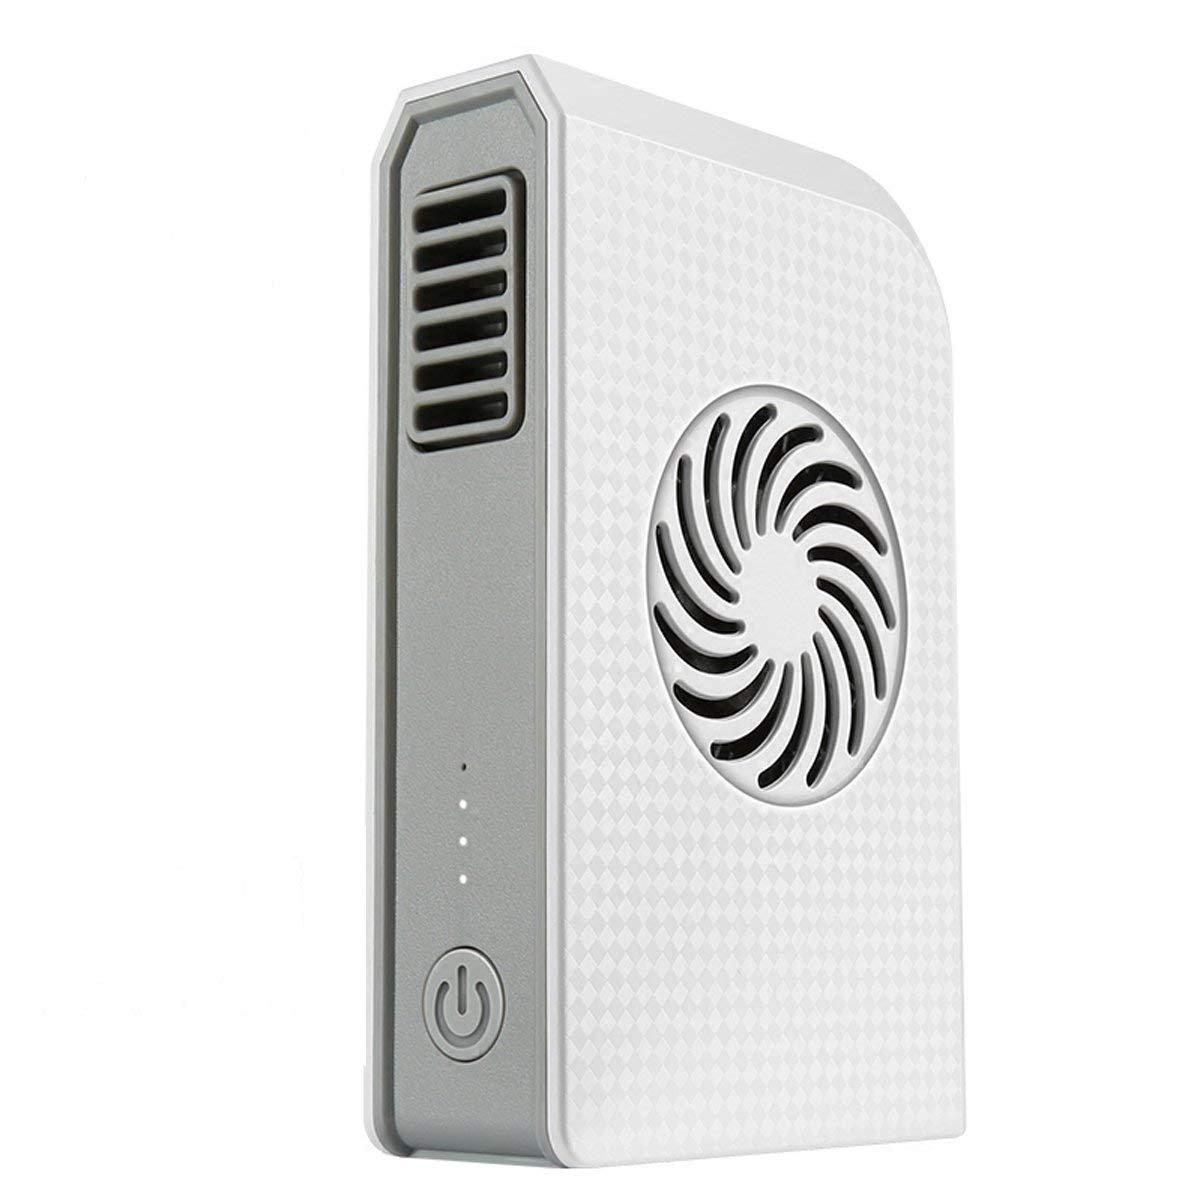 Joysoul Power Bank Cooling Fan, Portable Bladeless 3 speed Travel Fan Pocket Fan Desk Box Fan, 6000mAh Power Bank Rechargeable Fan Home Office Travel Daily Use (white) by Joysoul